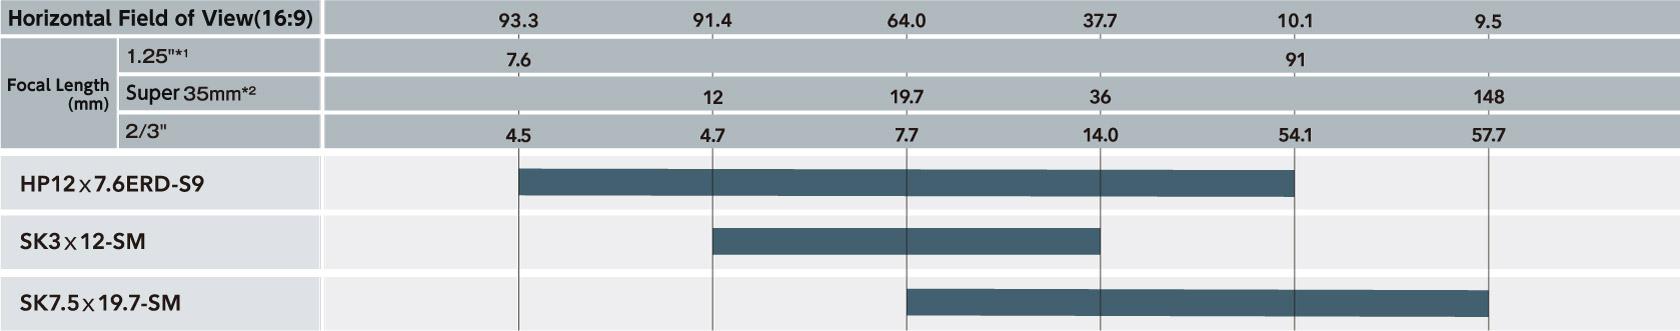 [imagem] Gráfico comparativo do Campo de Visualização Horizontal (16:9) e a Distância Focal (mm) por número de modelo